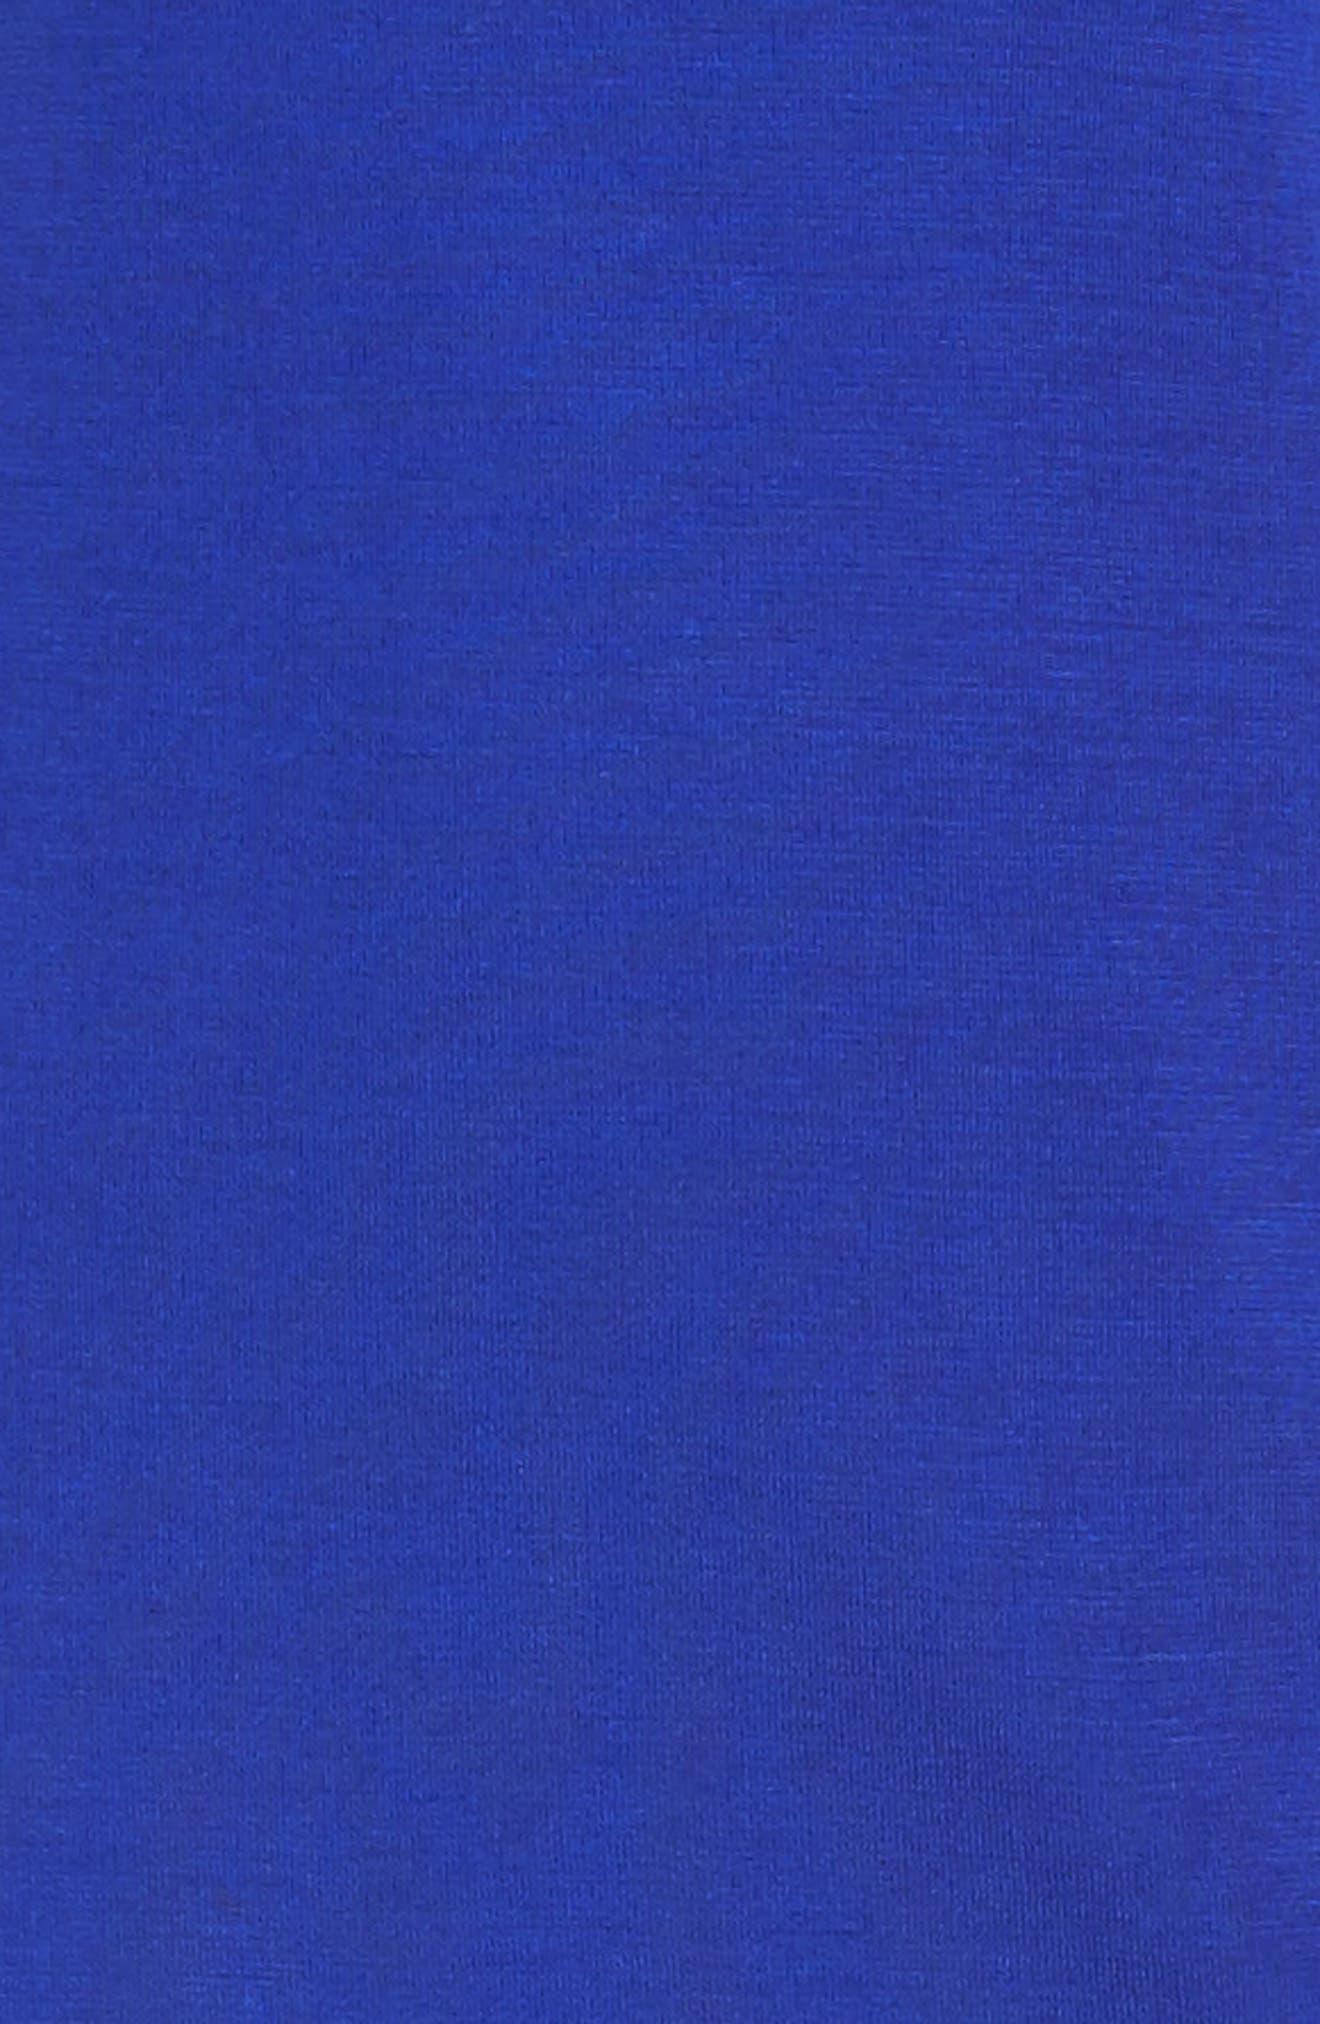 Knit Sheath Dress,                             Alternate thumbnail 5, color,                             428